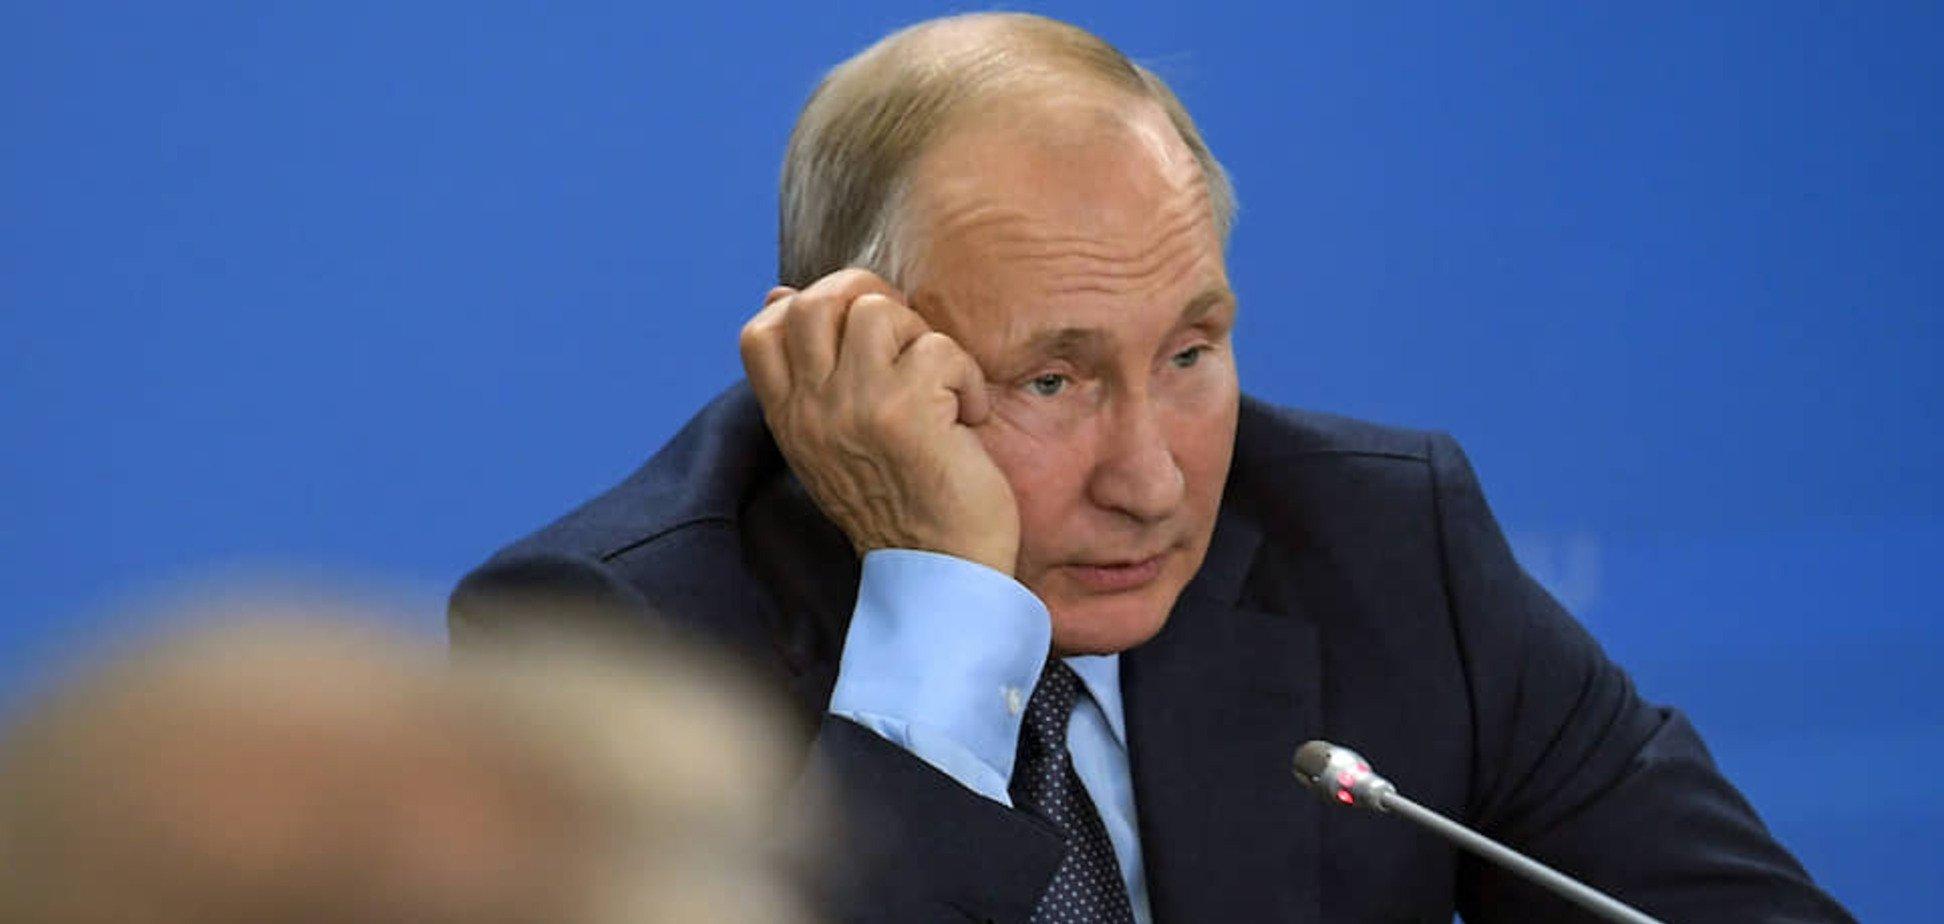 Соловей рассказал о 'плохом' состоянии Путина: скоро не сможет появляться на публике